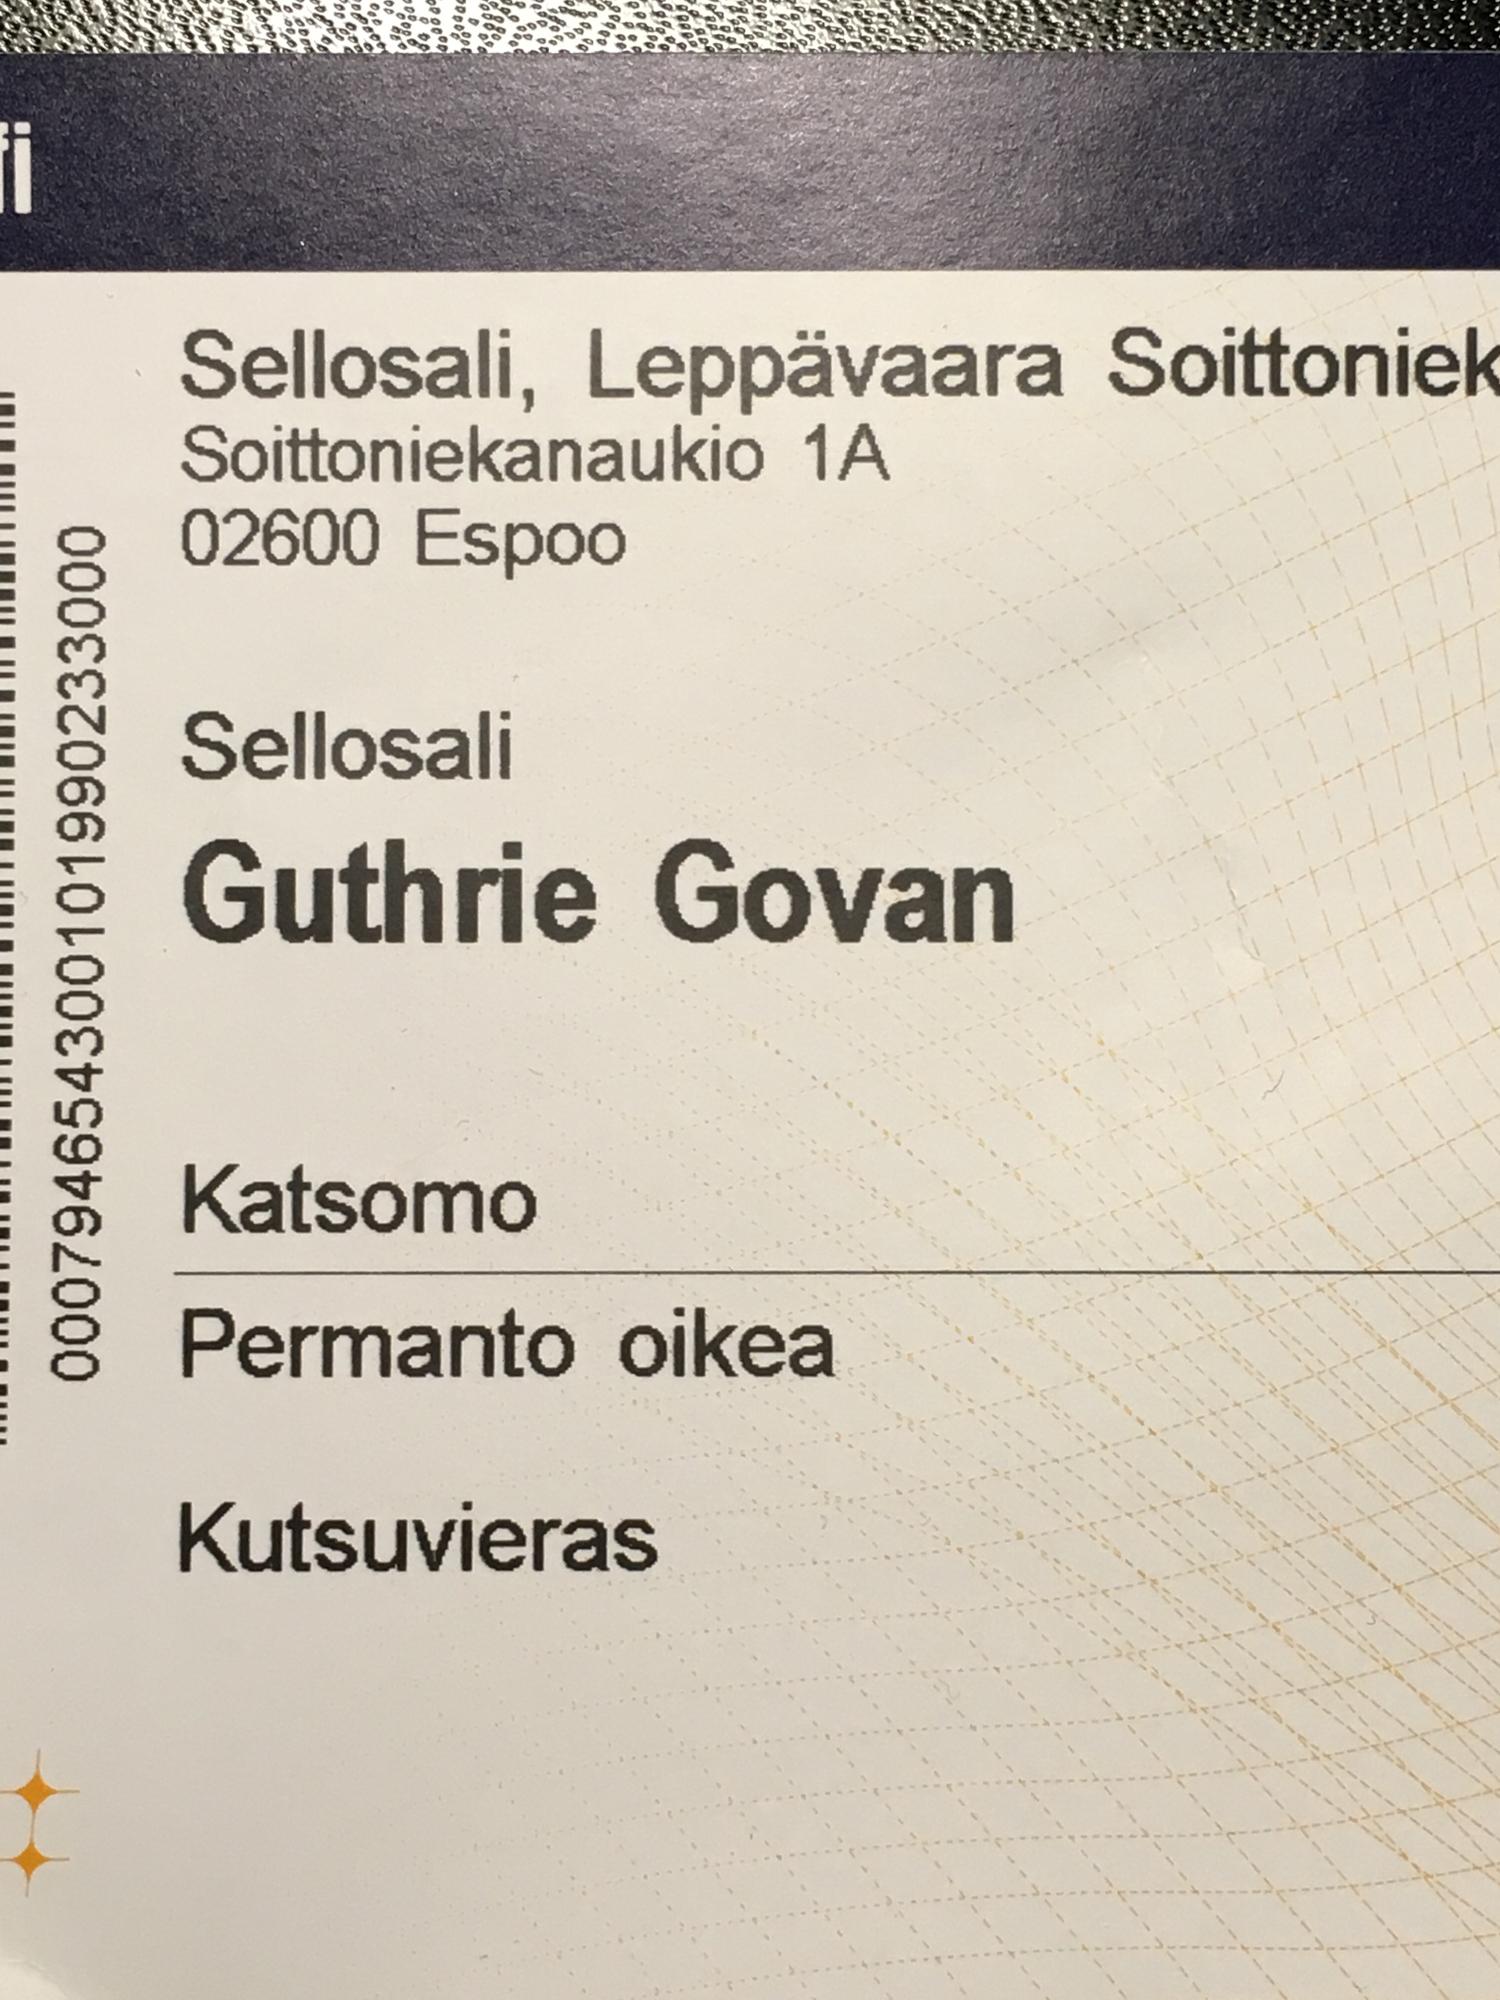 Guthrie Govan